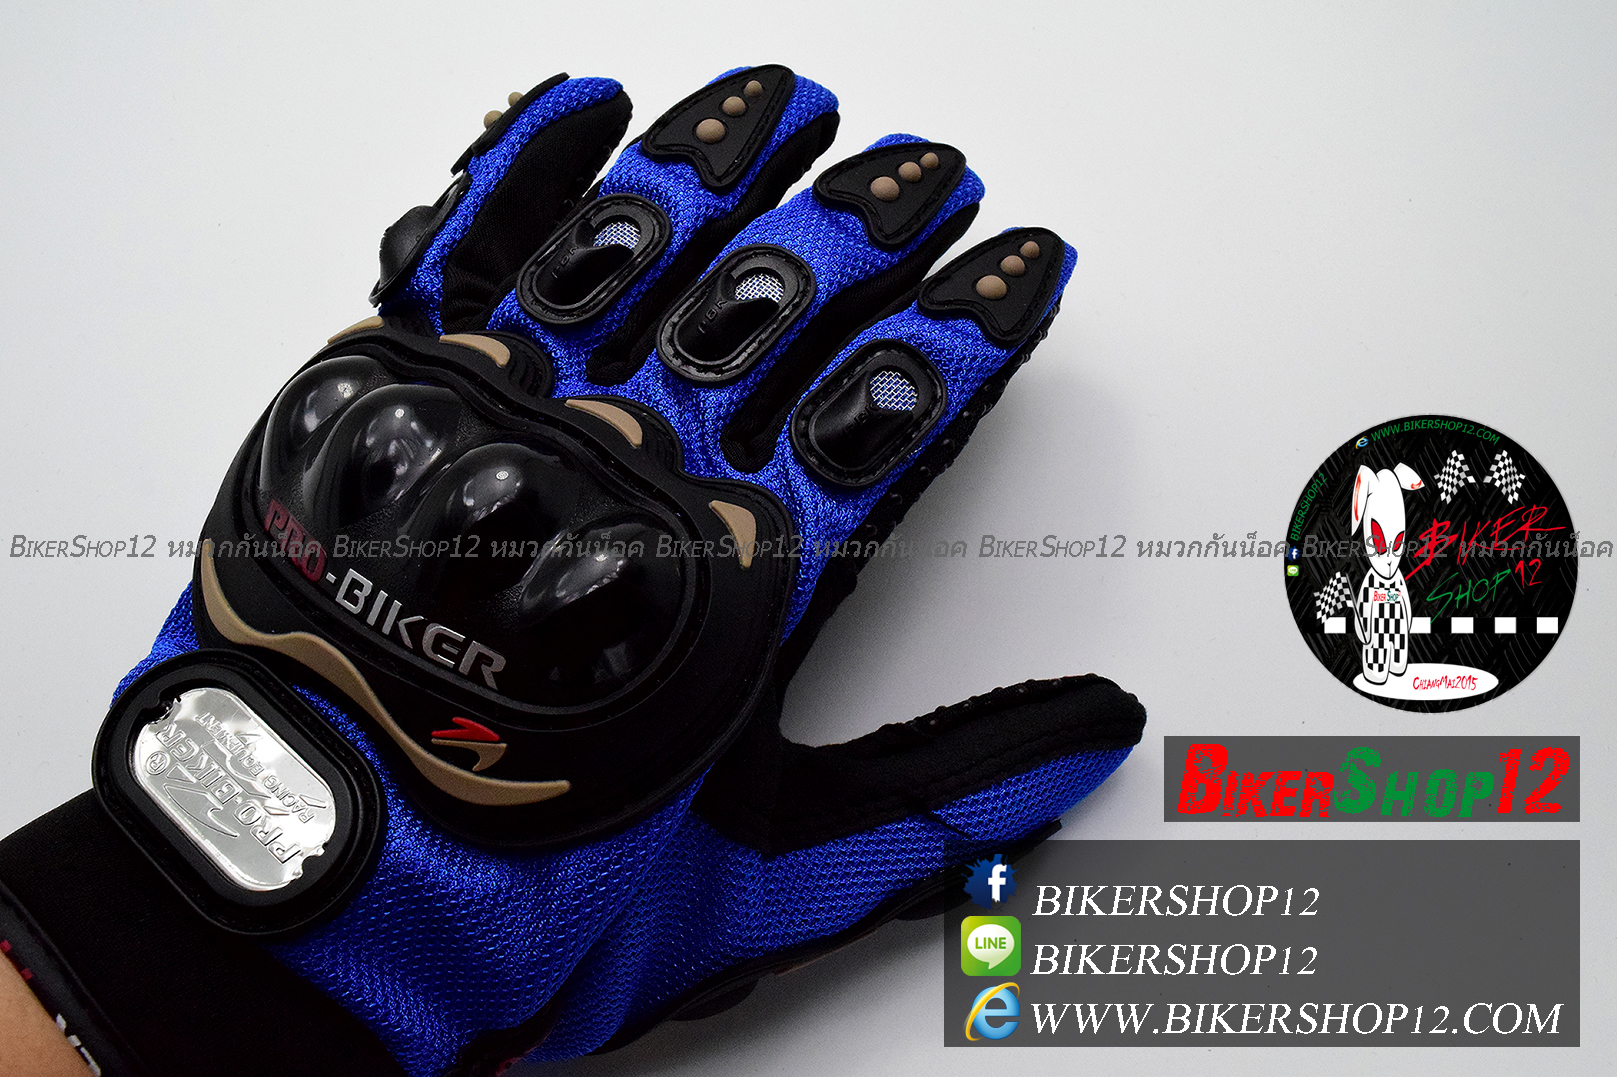 ถุงมือpro-biker สีน้ำเงิน (ราคาพิเศษ)